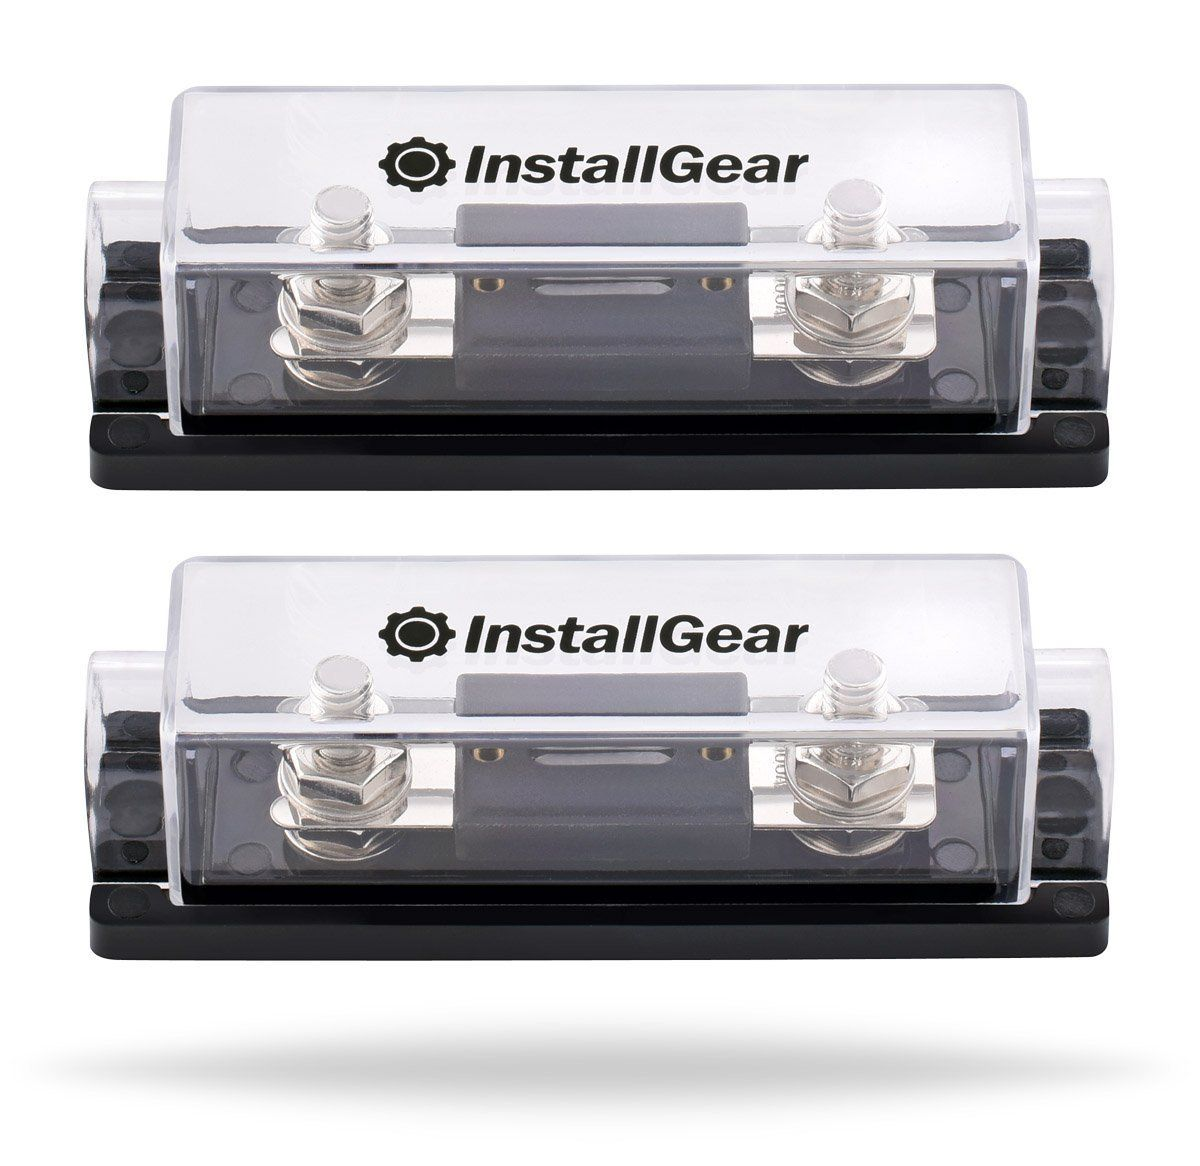 small resolution of installgear 0 2 4 gauge ga anl fuse holder 100 amp anl fuses 2 pack